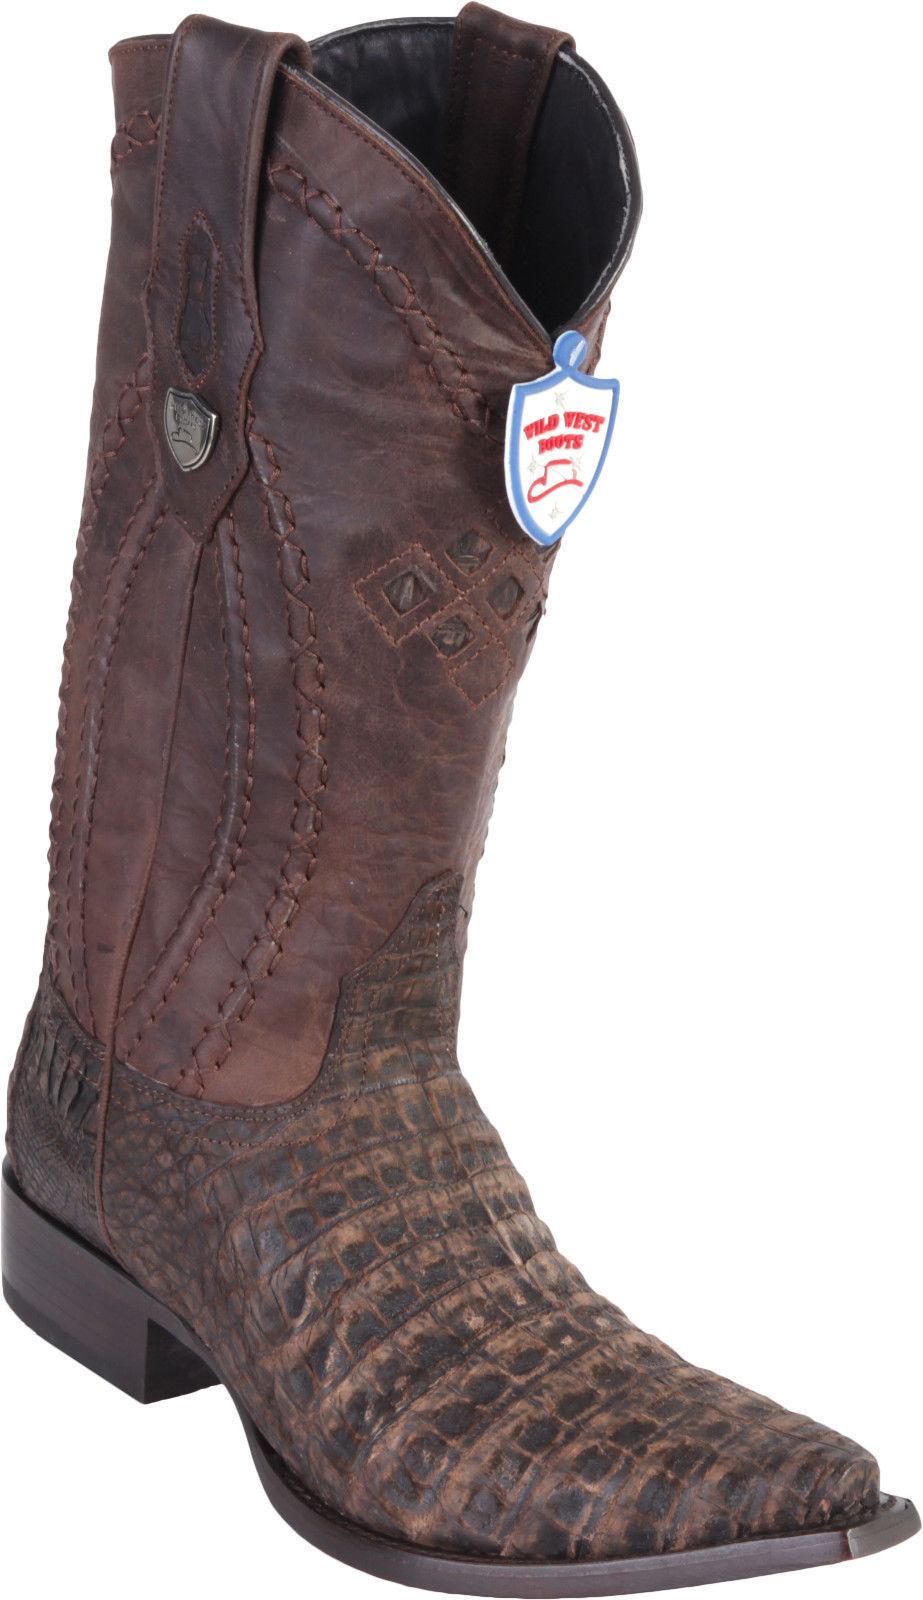 Wild West Cocodrilo Genuino Marrón Western Cowboy bota SNIP del vientre Toe (D)